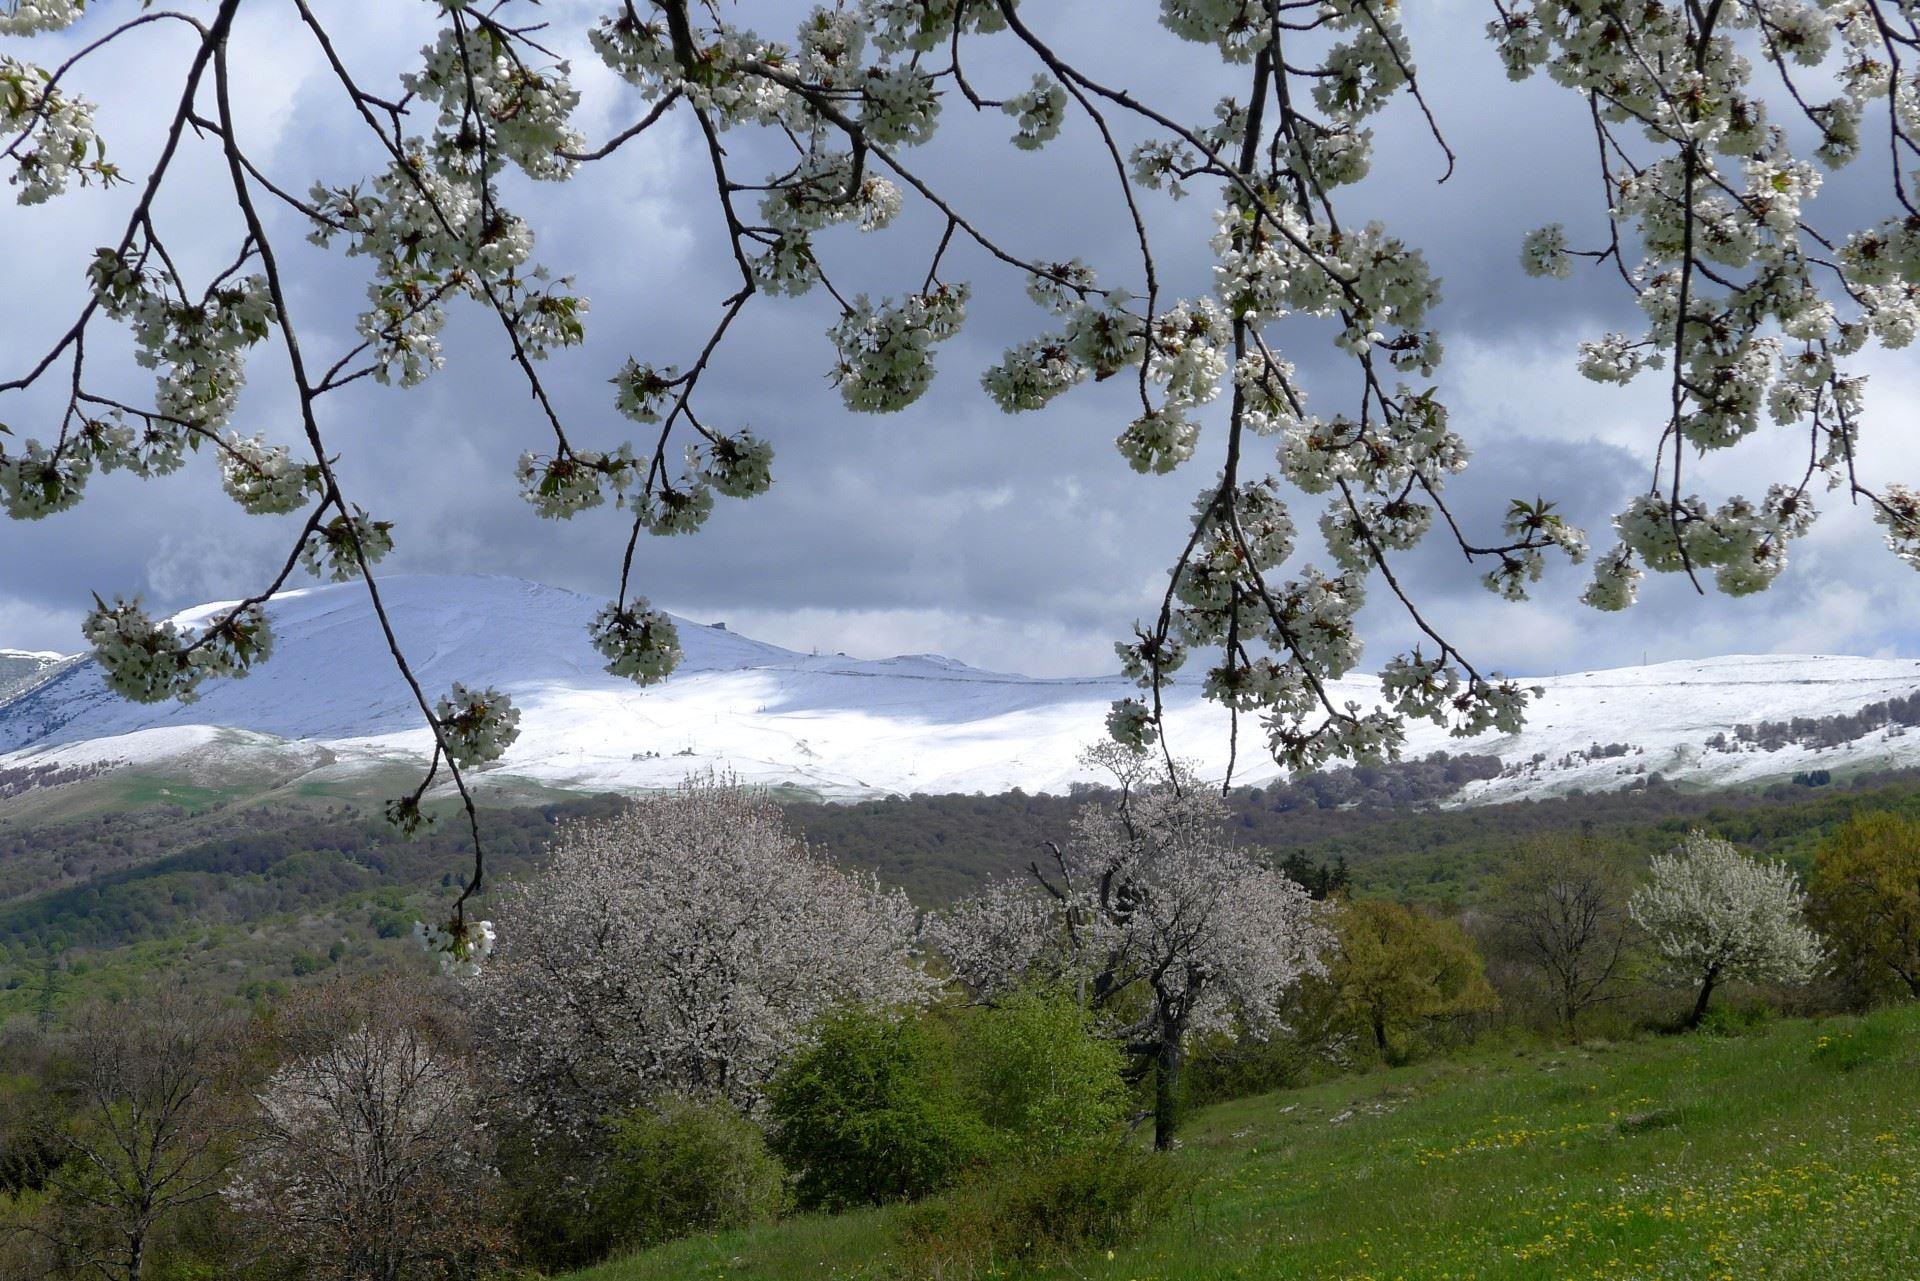 Aprile 2017 - Nella foto del mese di aprile di Vittore Giardini, due stagioni si incontrano. Dopo una prima parte del mese caratterizzata da temperature ben al di sopra della norma, nella seconda metà di aprile la neve è ricomparsa sulle cime del Monte Baldo.